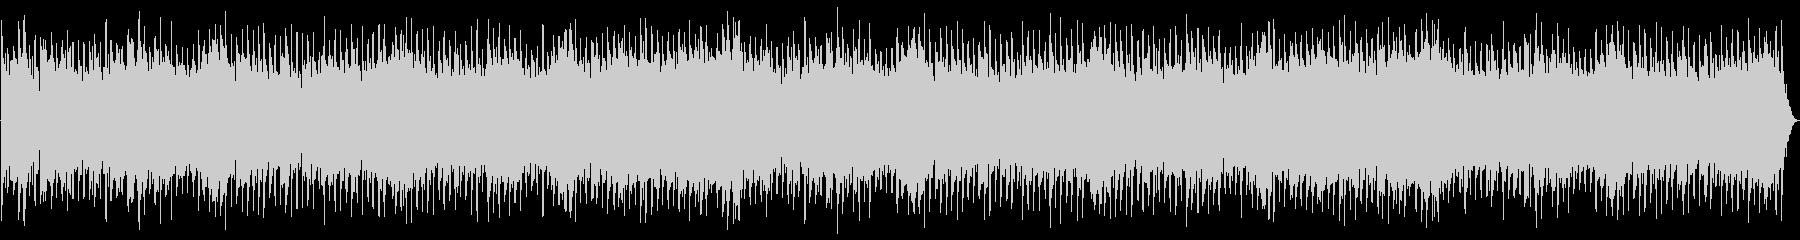 高騰する弦楽器のメロディ、グロック...の未再生の波形